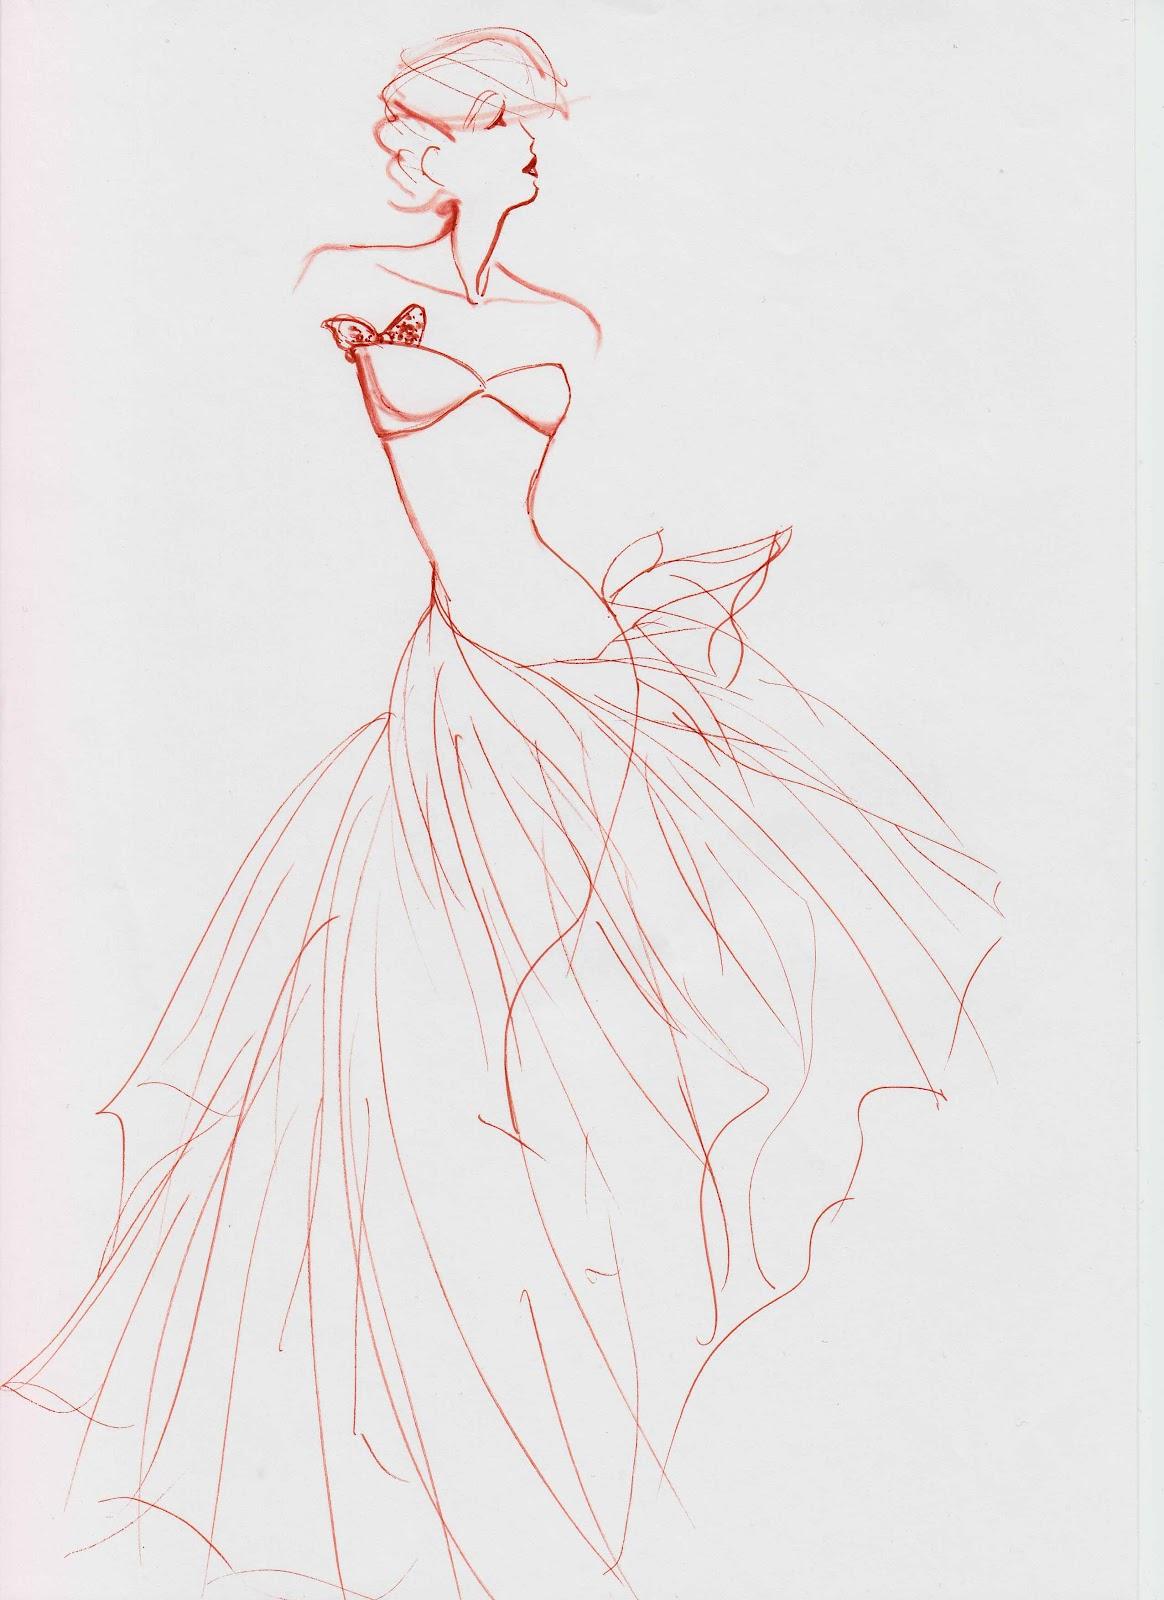 Styliste illustrateur croquis haute couture ii - Dessin de couture ...